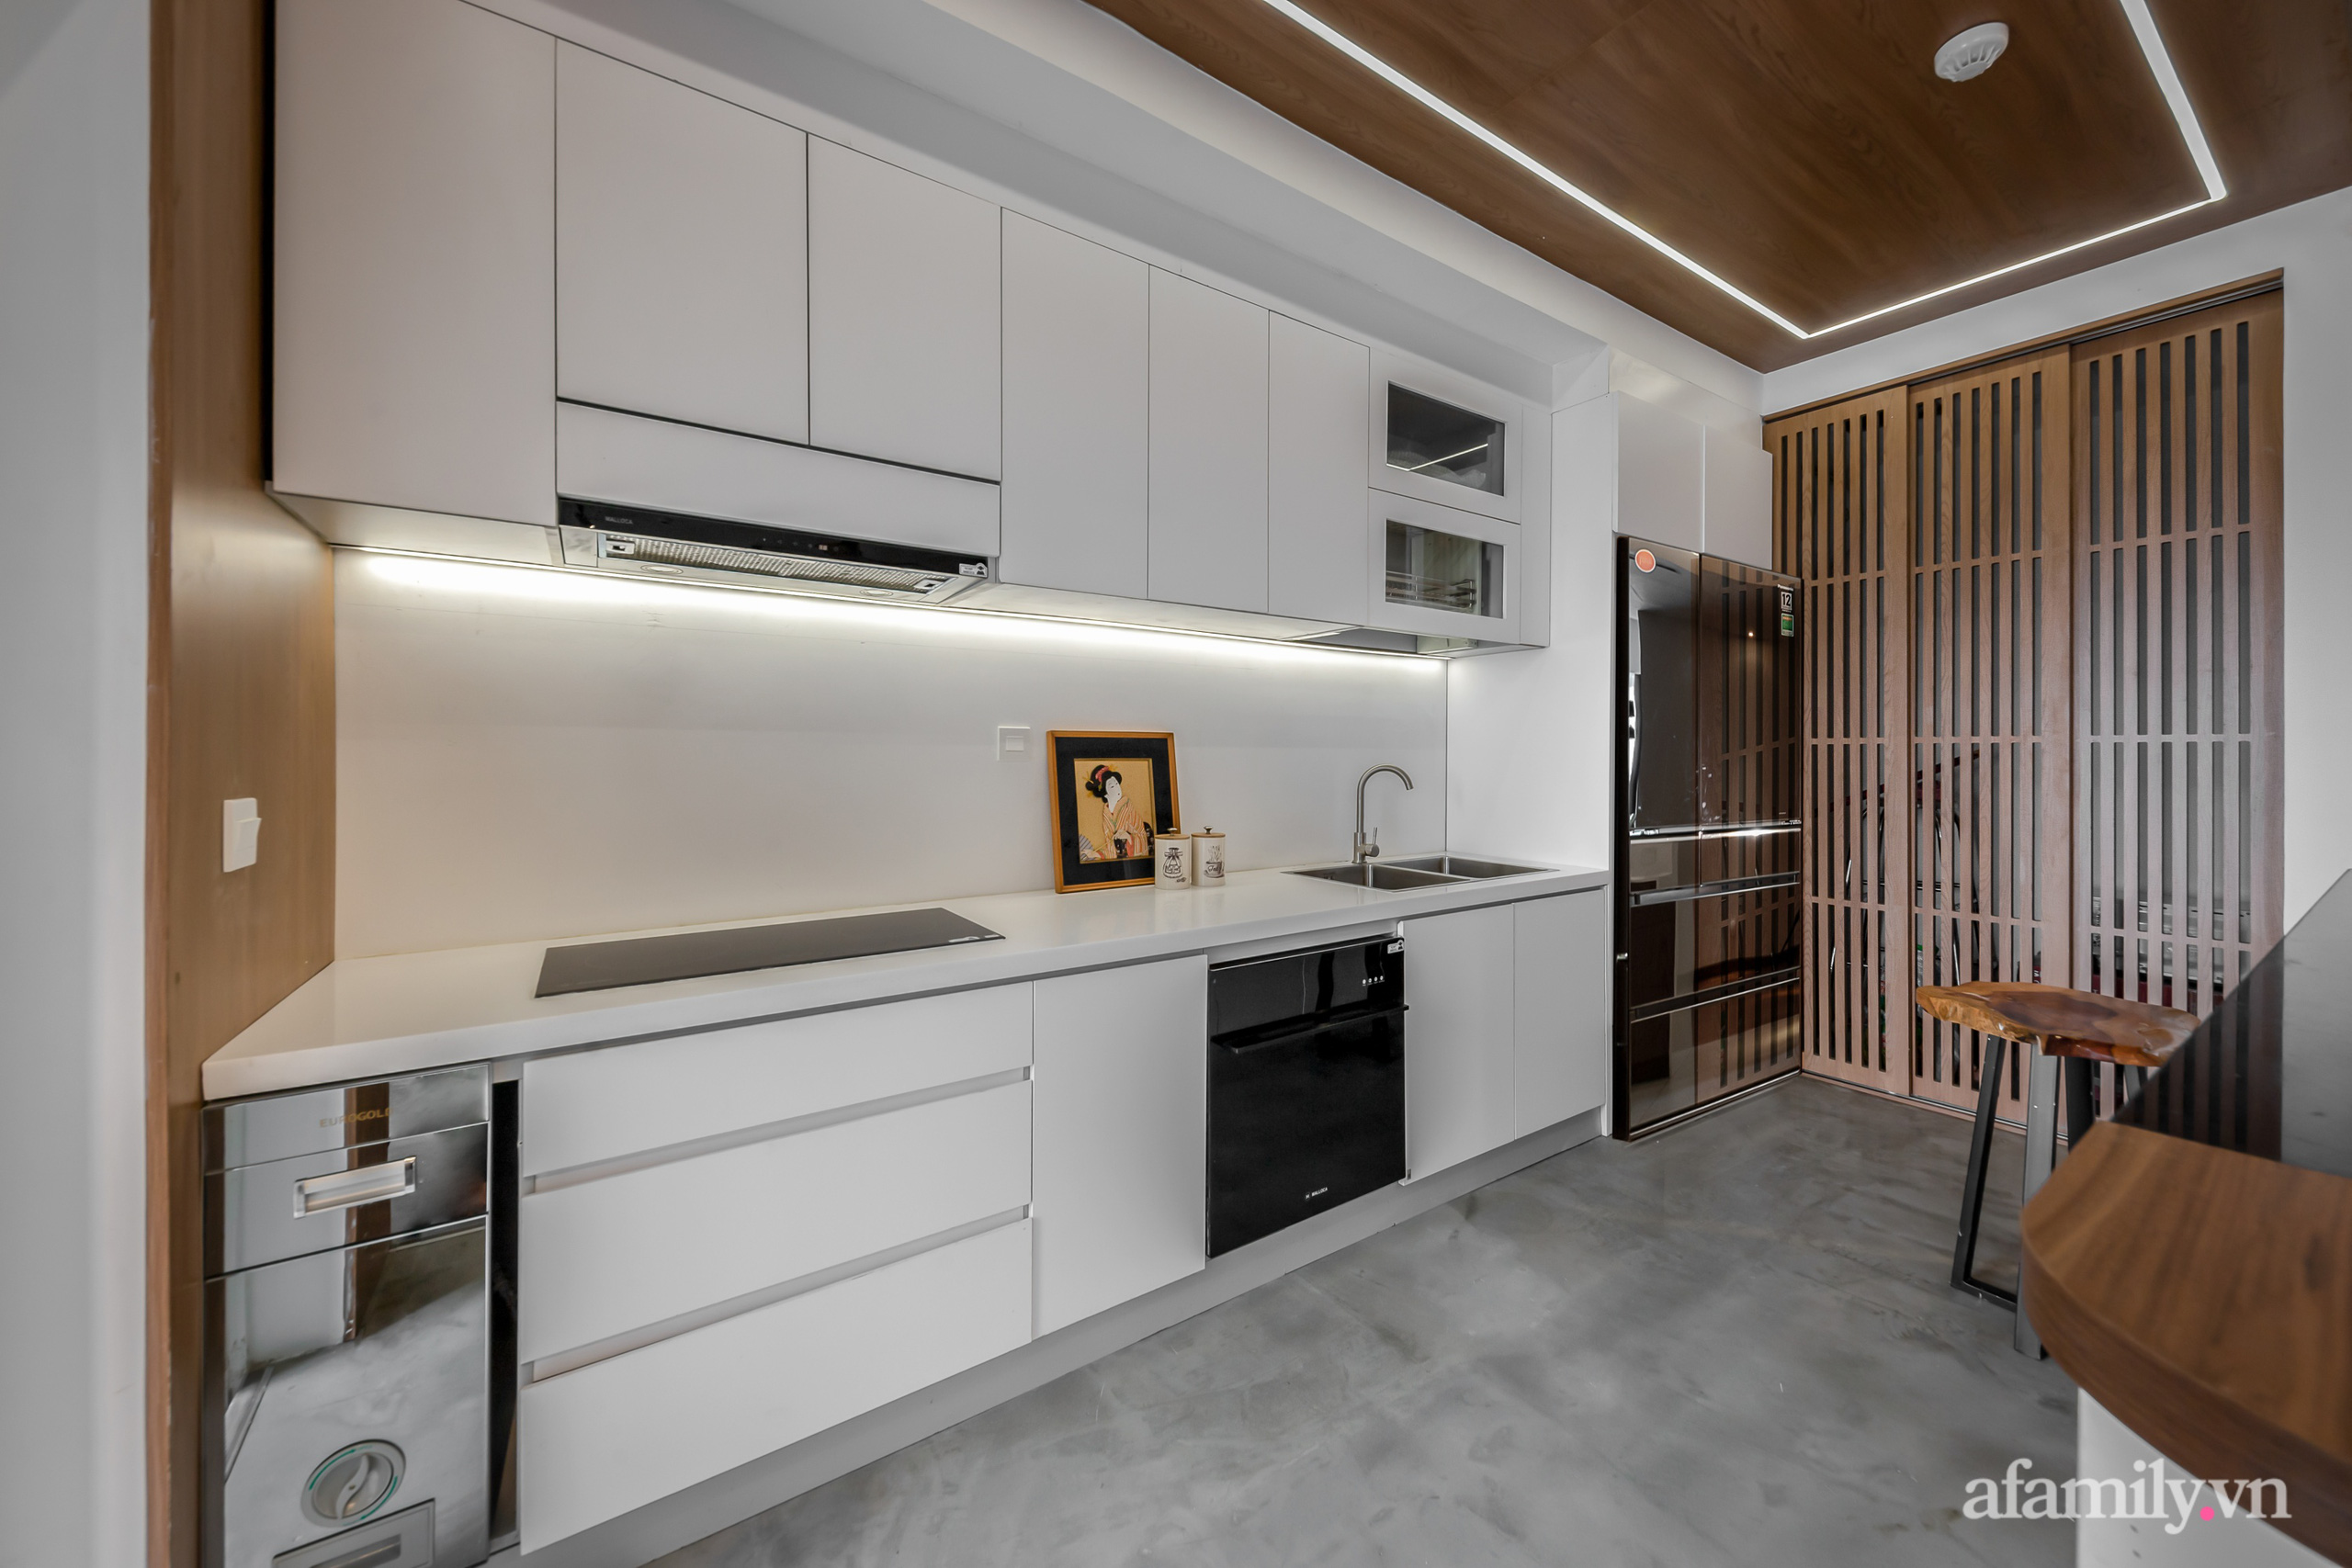 Căn hộ 106m² đẹp cá tính với hiệu ứng bê tông cùng phong cách tối giản có chi phí hoàn thiện 950 triệu đồng ở Sài Gòn - Ảnh 7.